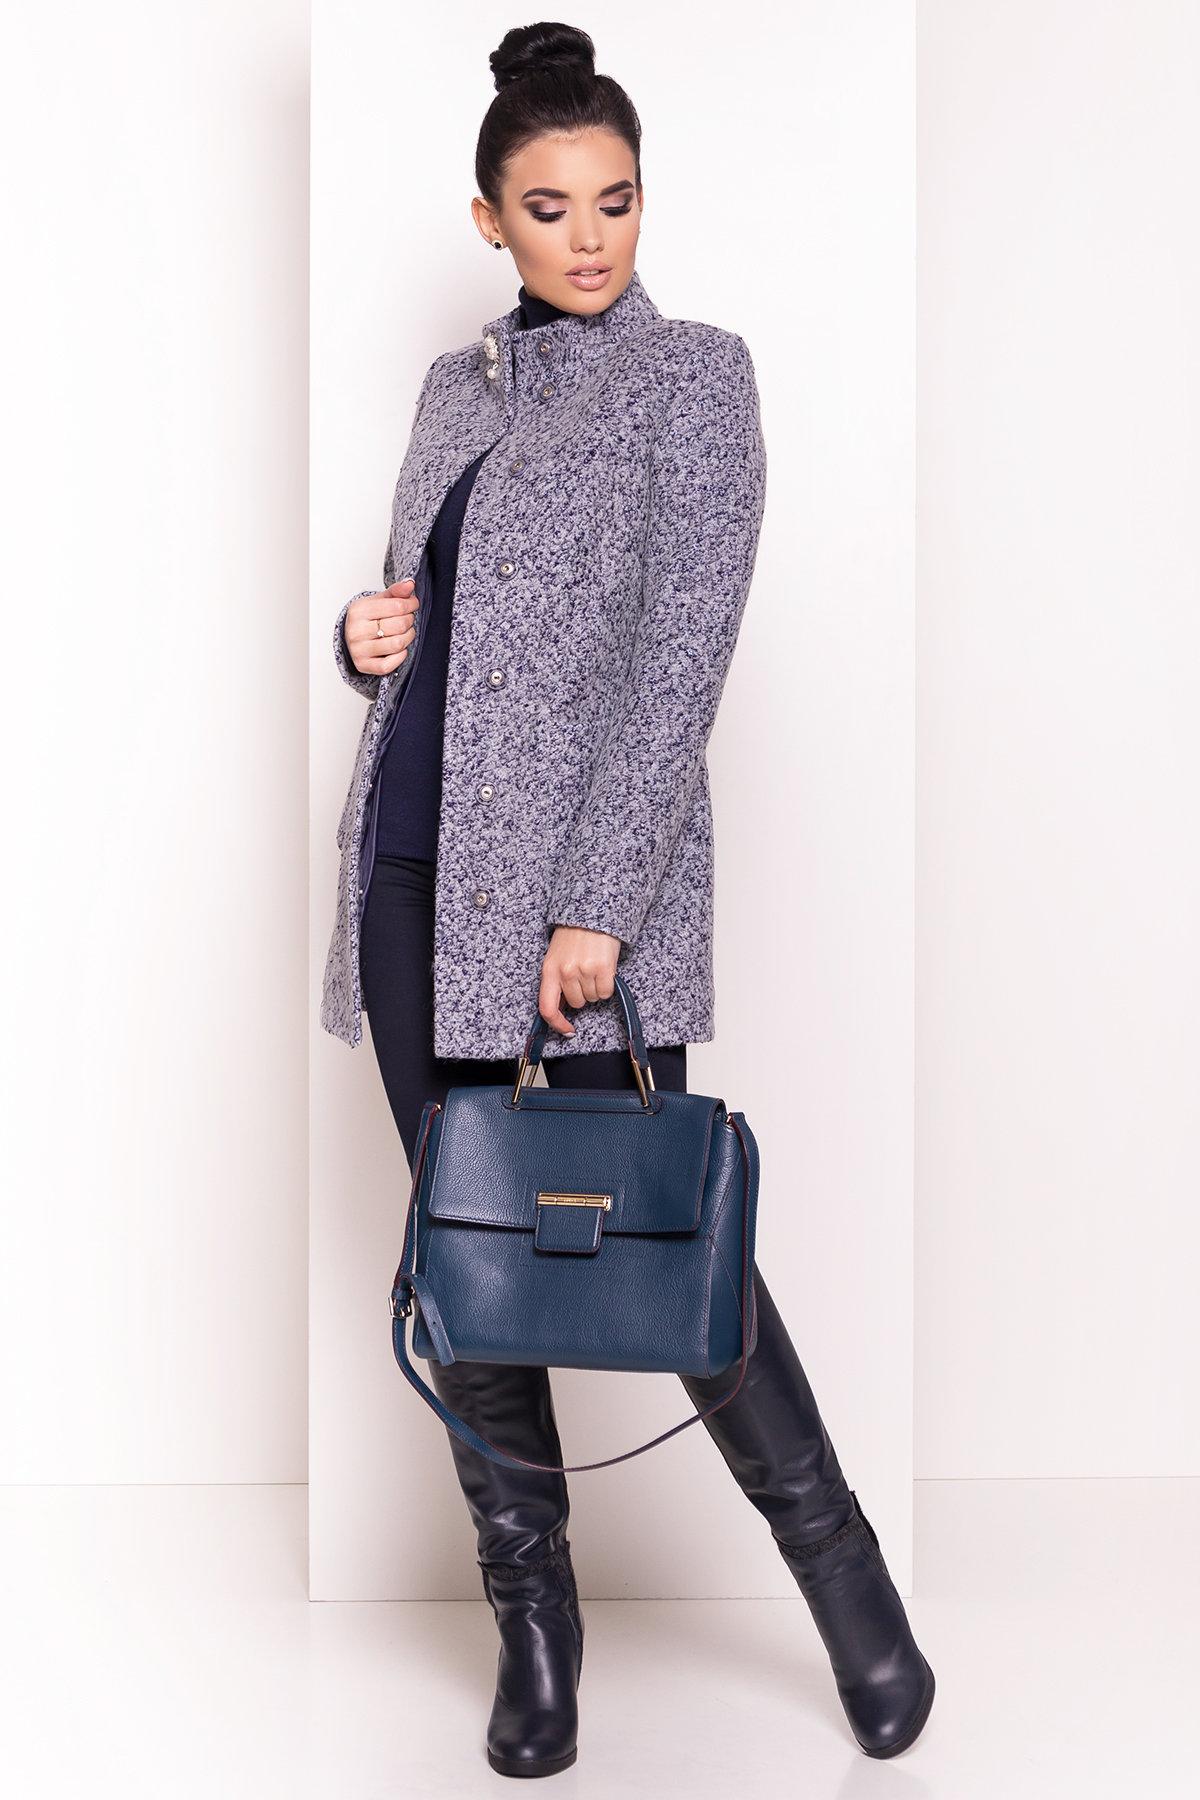 Пальто Мелини 0442 АРТ. 6778 Цвет: Серый - фото 3, интернет магазин tm-modus.ru